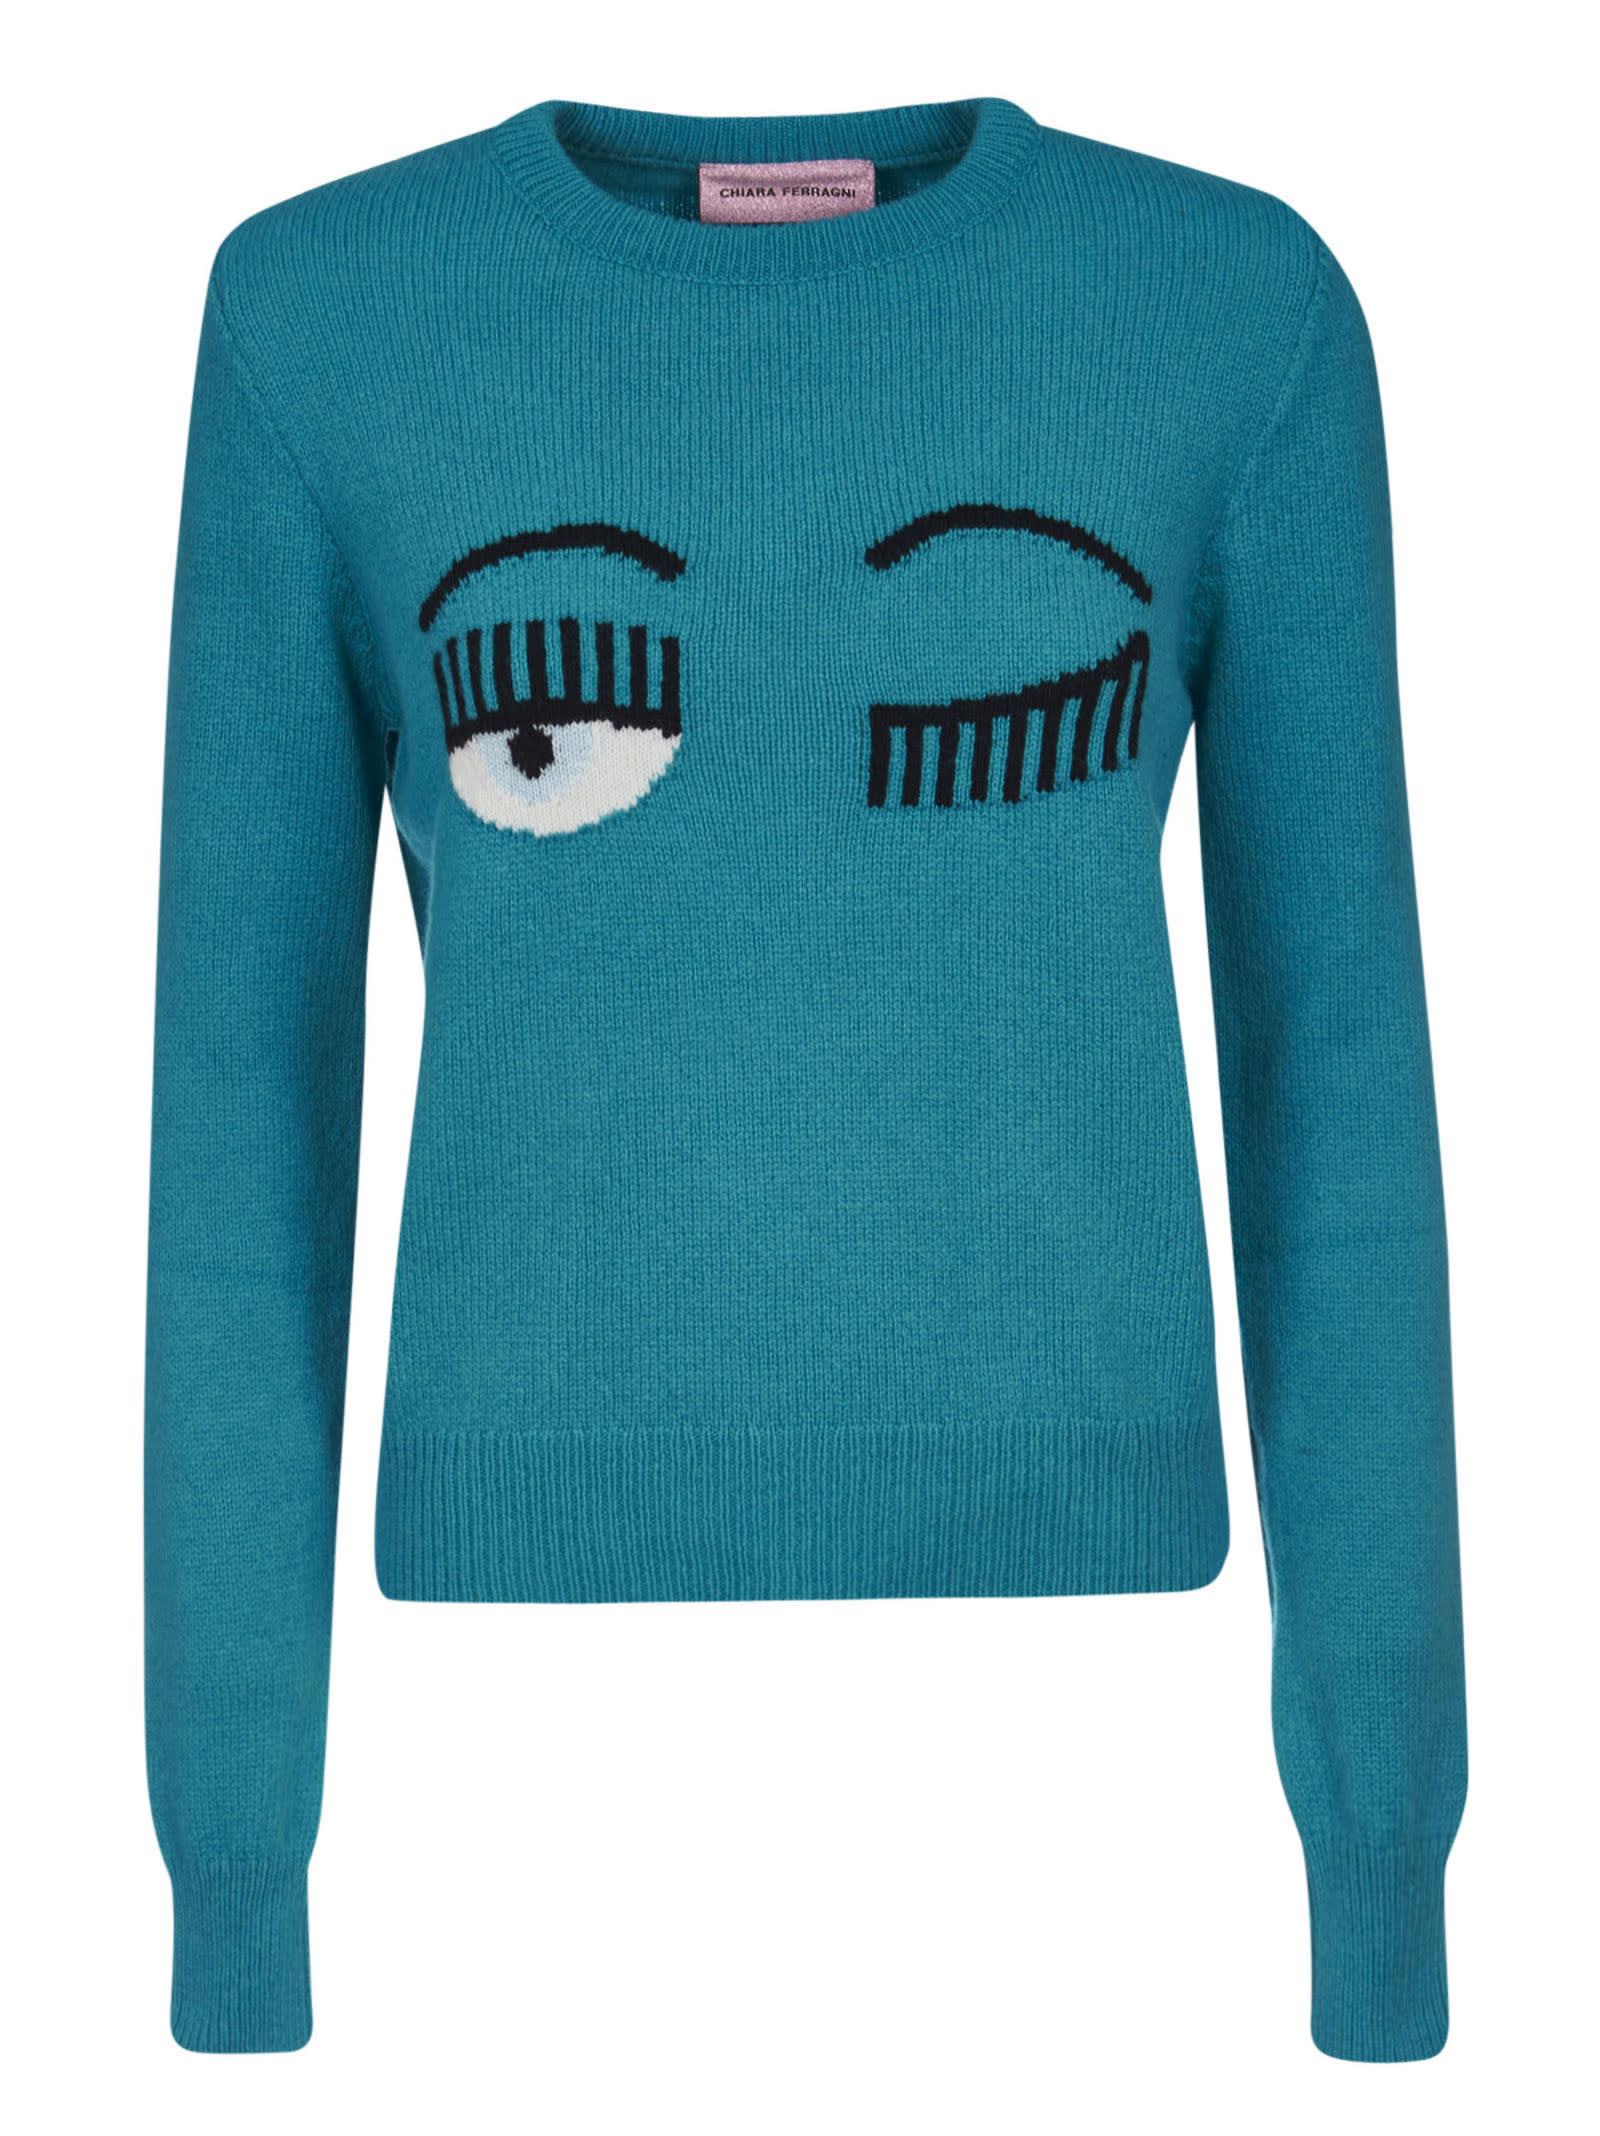 Chiara Ferragni Flirting Knit Crewneck Sweater